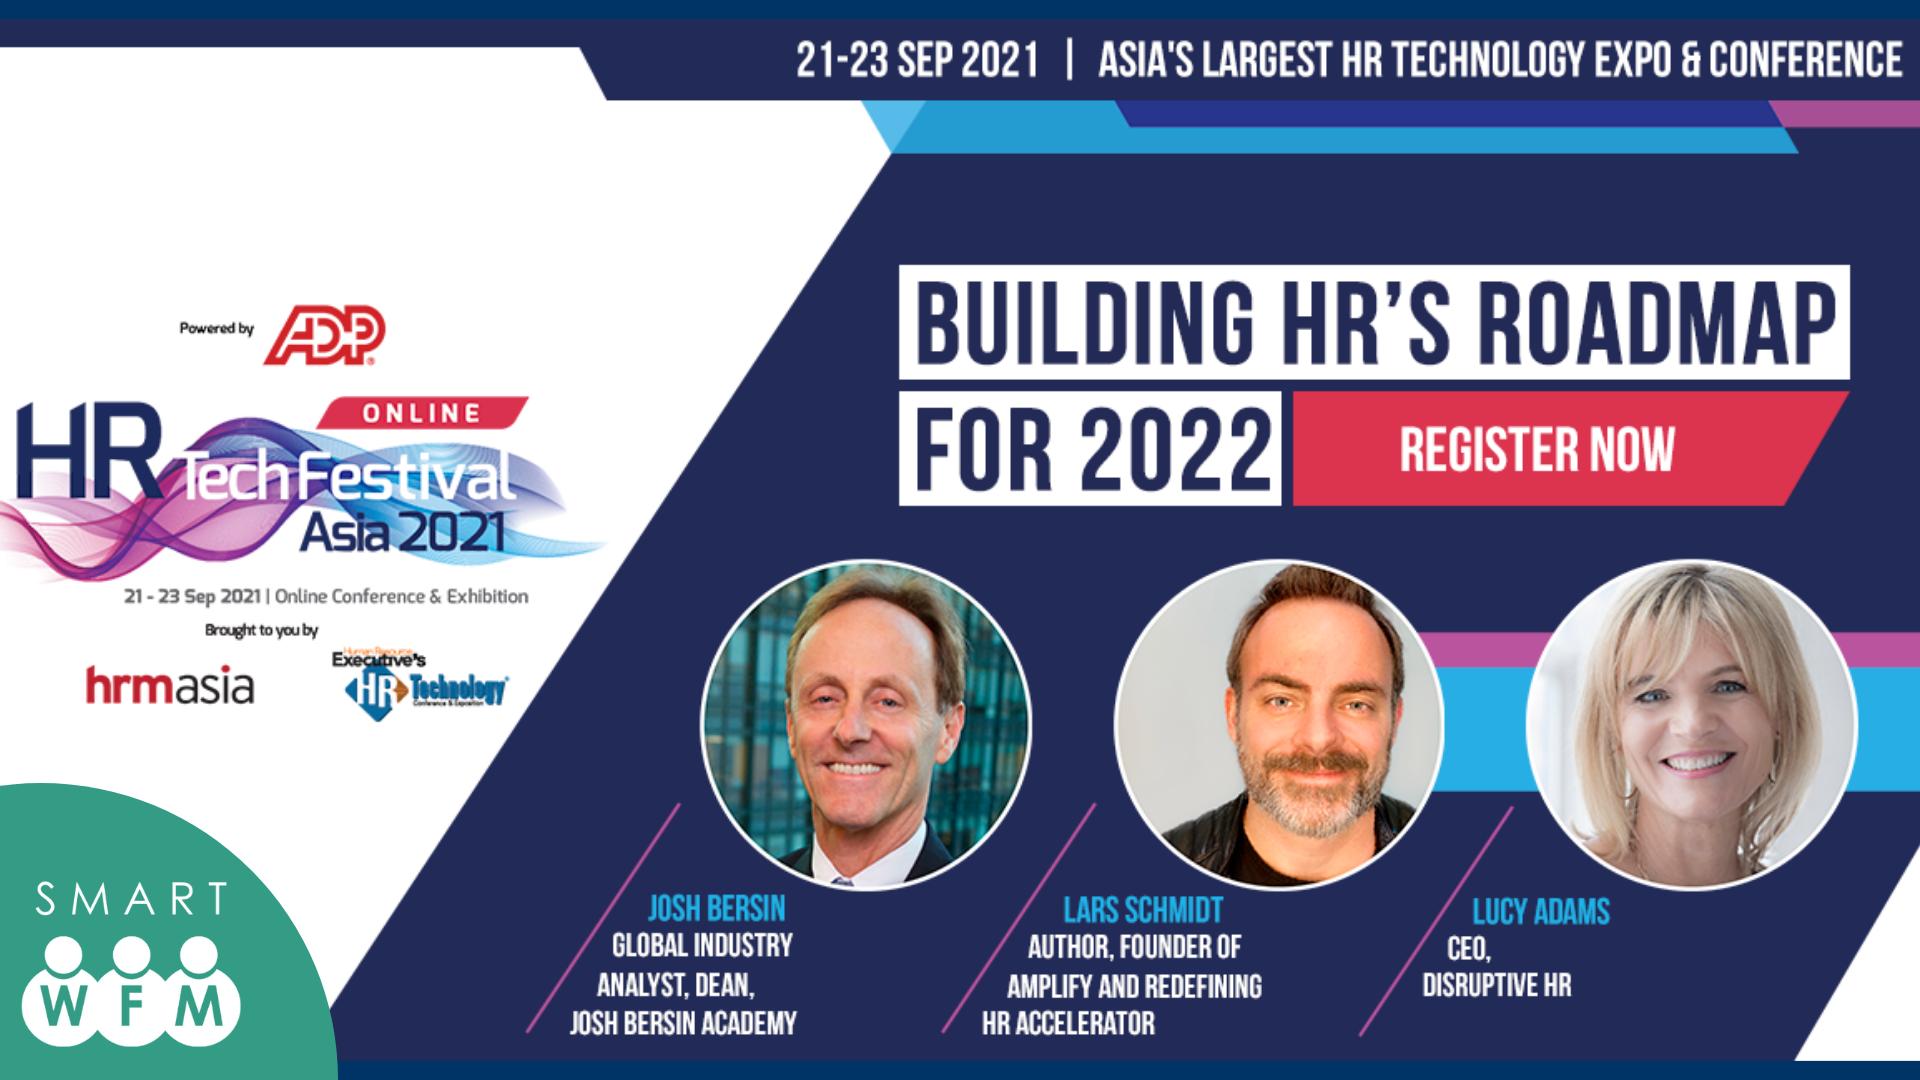 HR Tech Festival Asia Online 2021 x Smart WFM